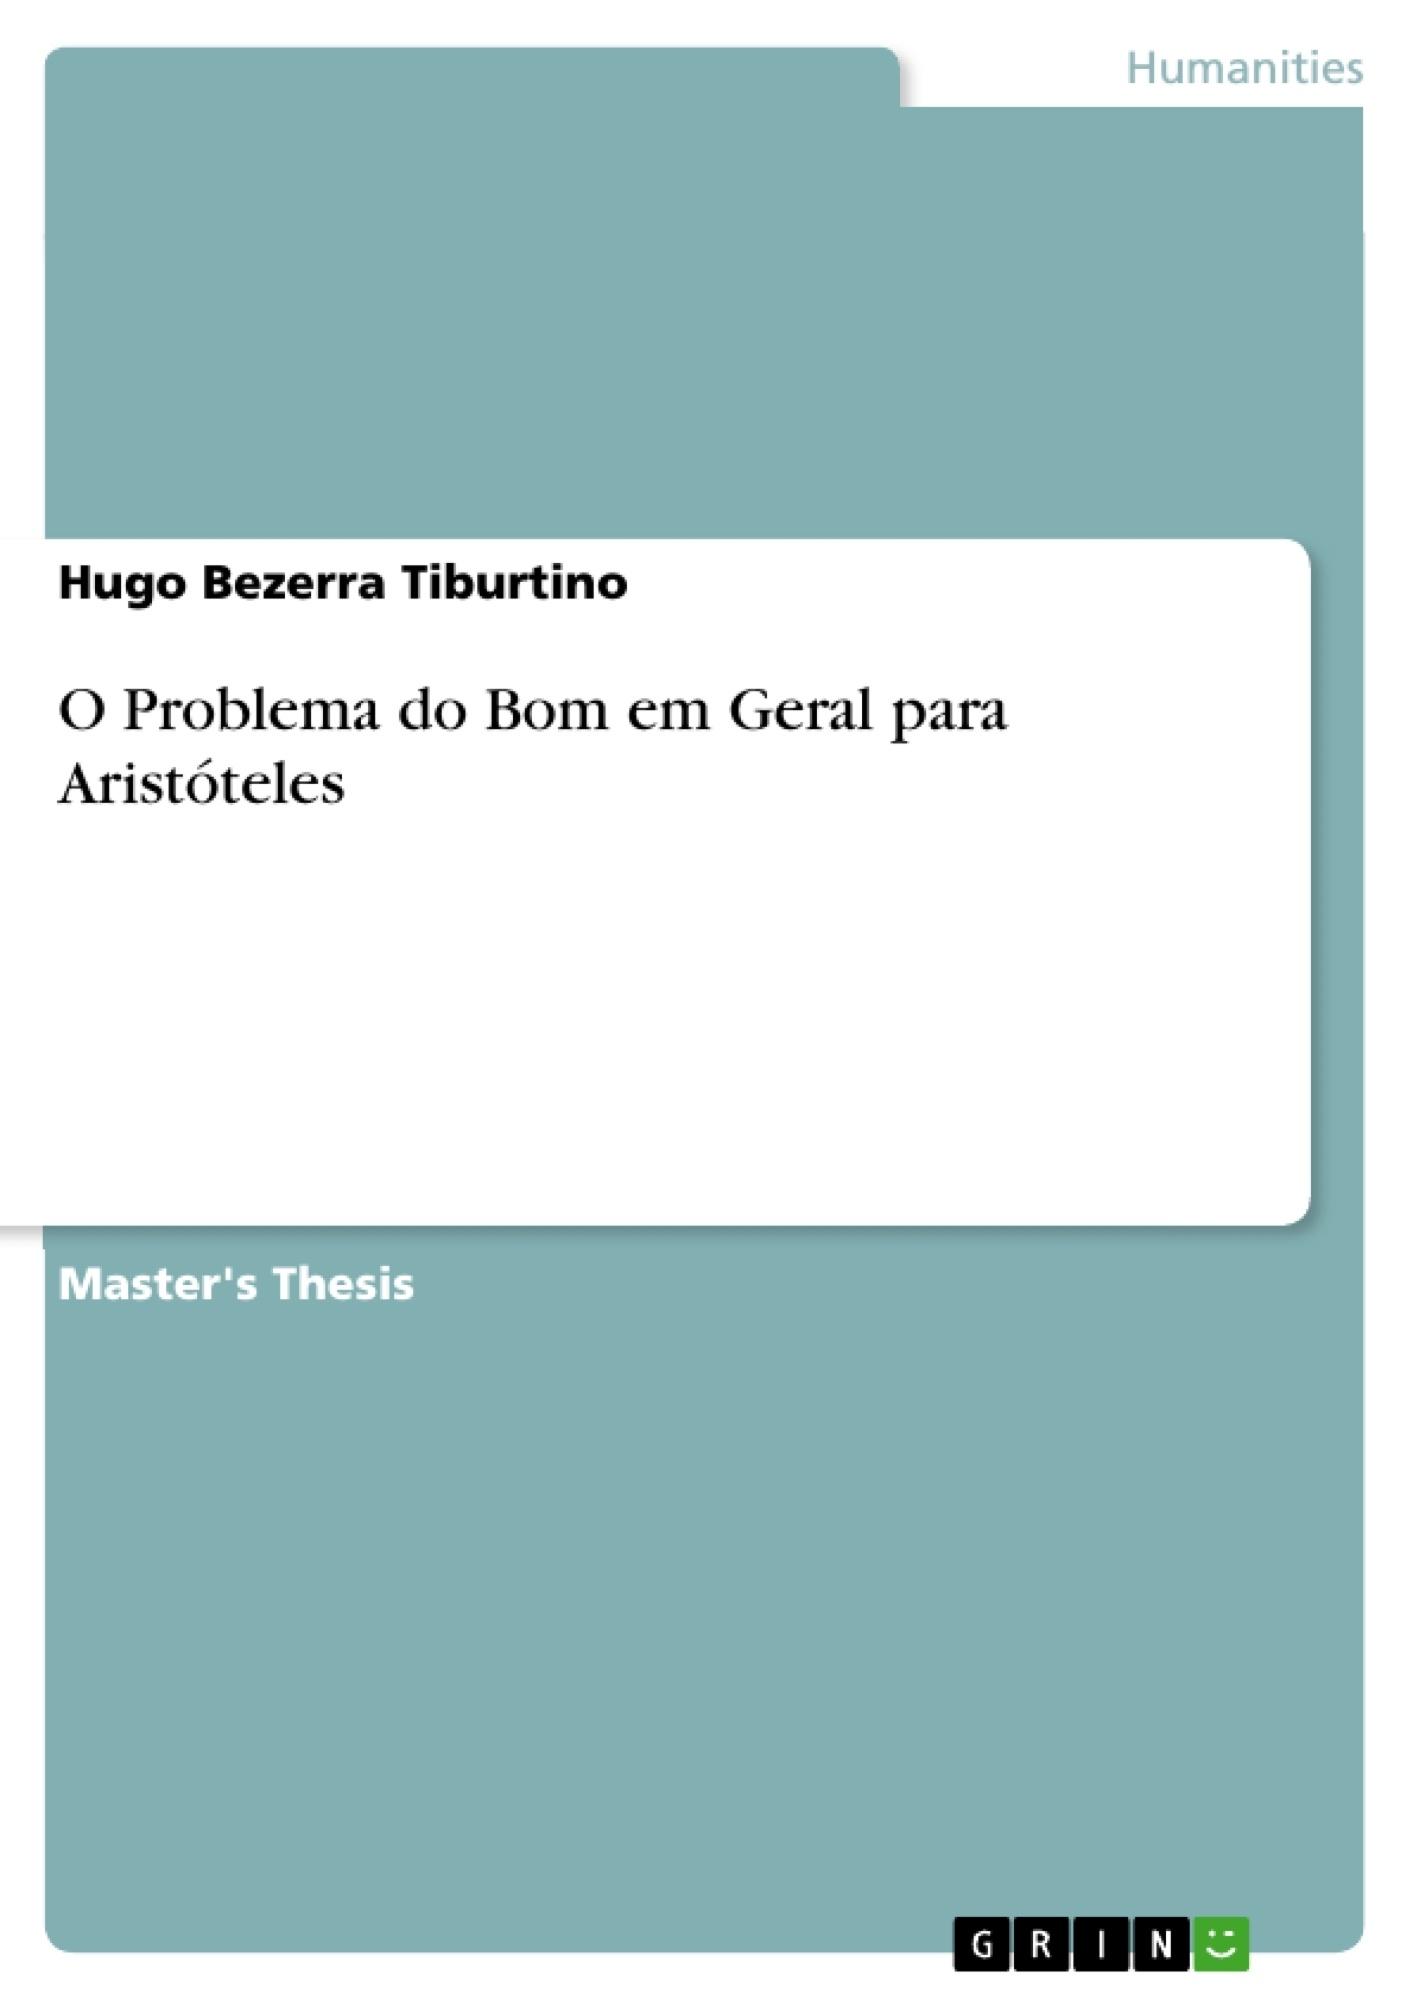 Title: O Problema do Bom em Geral para Aristóteles